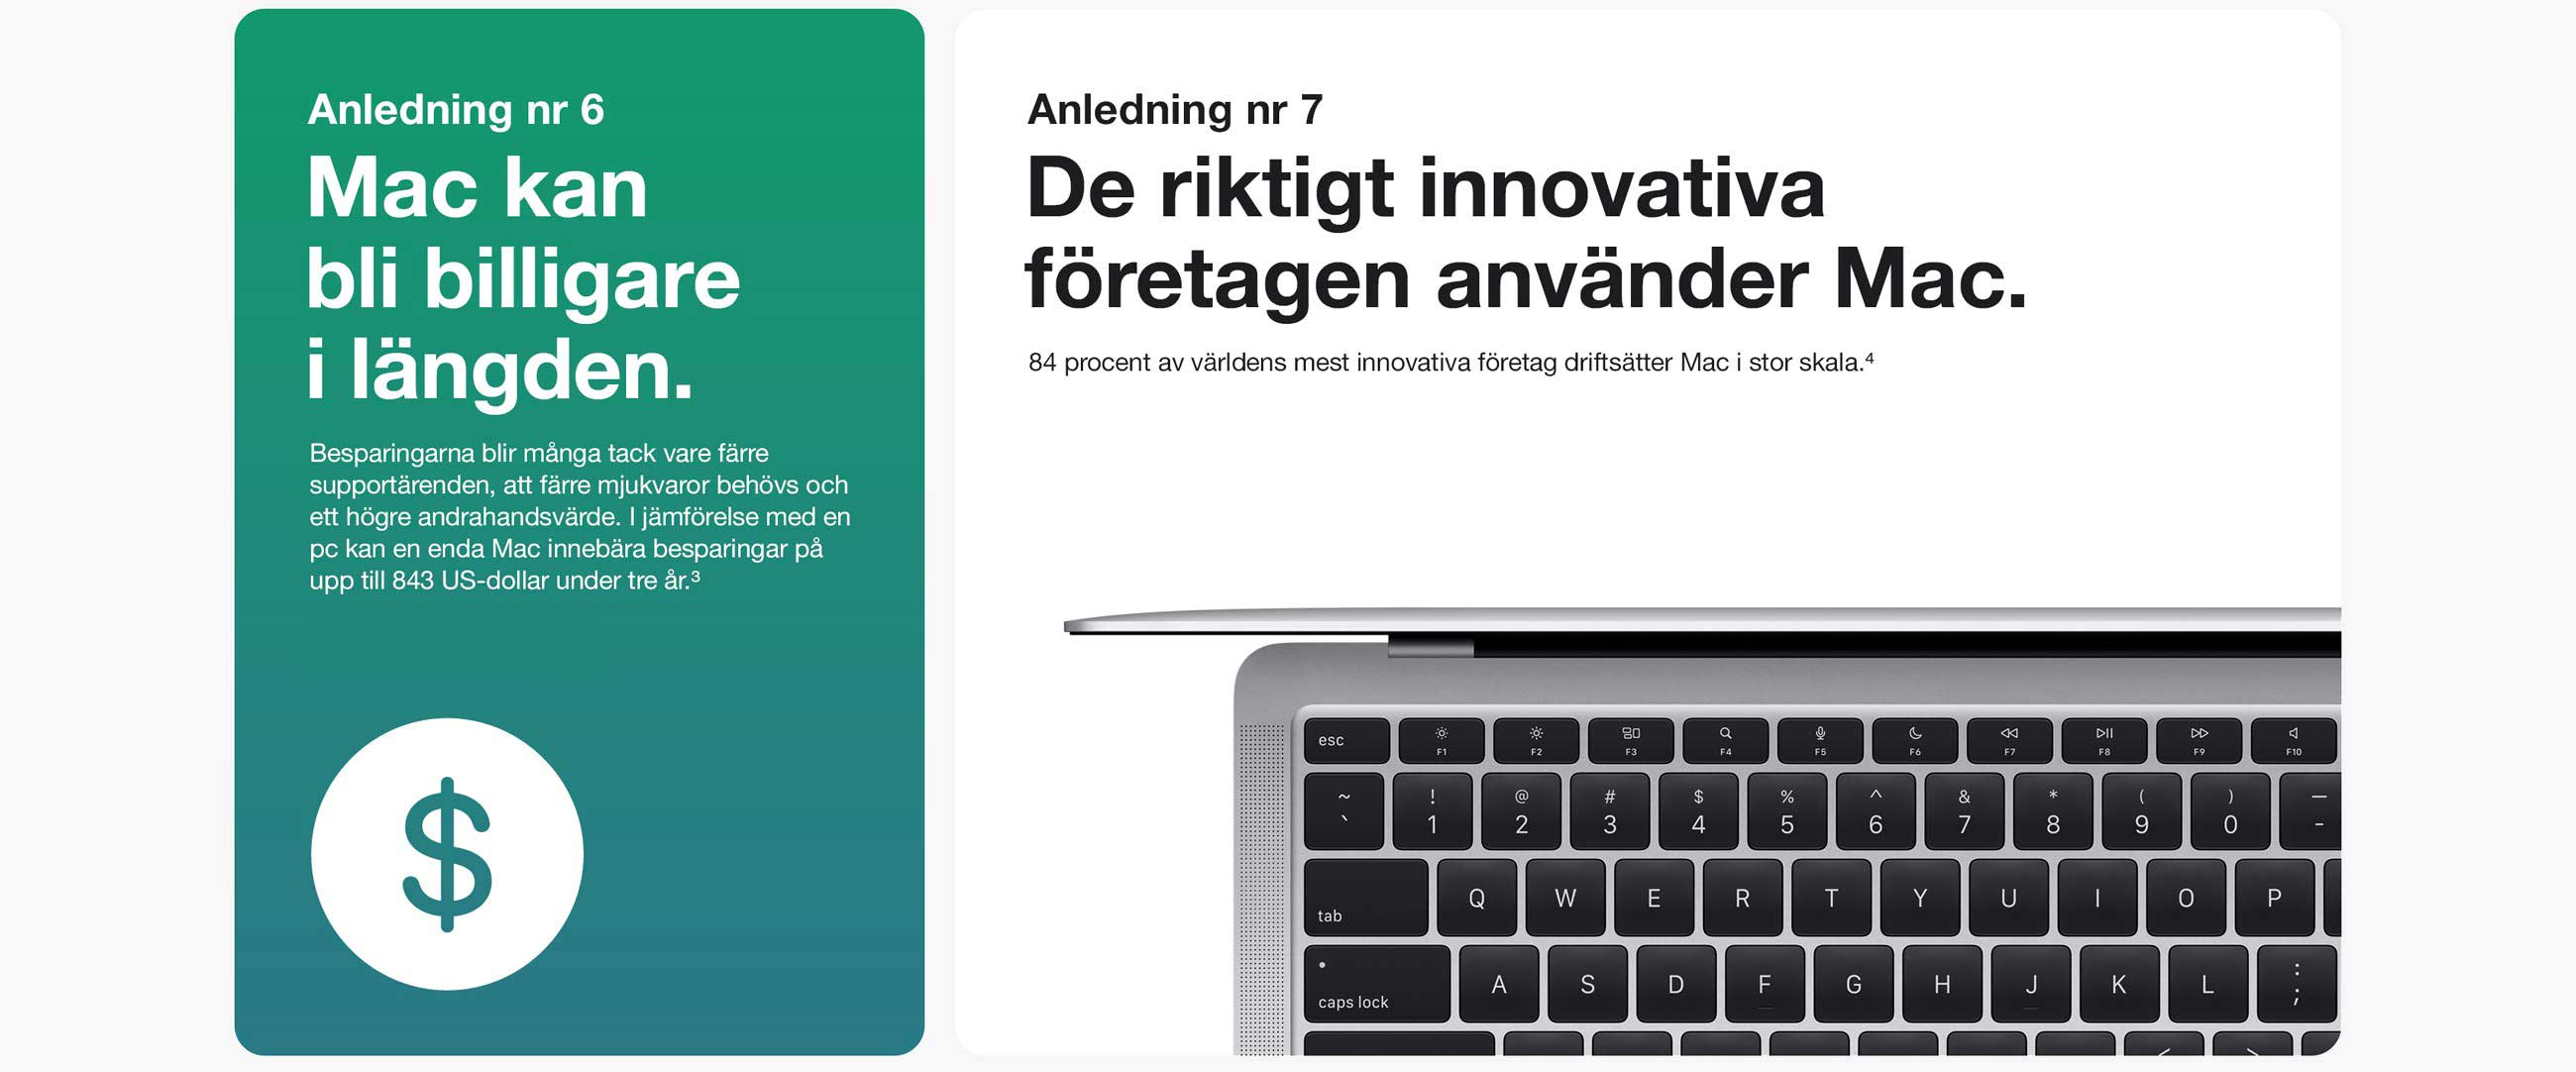 Anledning 6. Mac kan bli billigare i längden tack vare att färre mjukvaror behövs, supportärenden blir färre och med ett högre andrahandsvärde. Anledning 7. De riktigt innovativa företagen använder Mac. 84 procent av världens mest innovativa företag driftsätter Mac i stor skala. 4